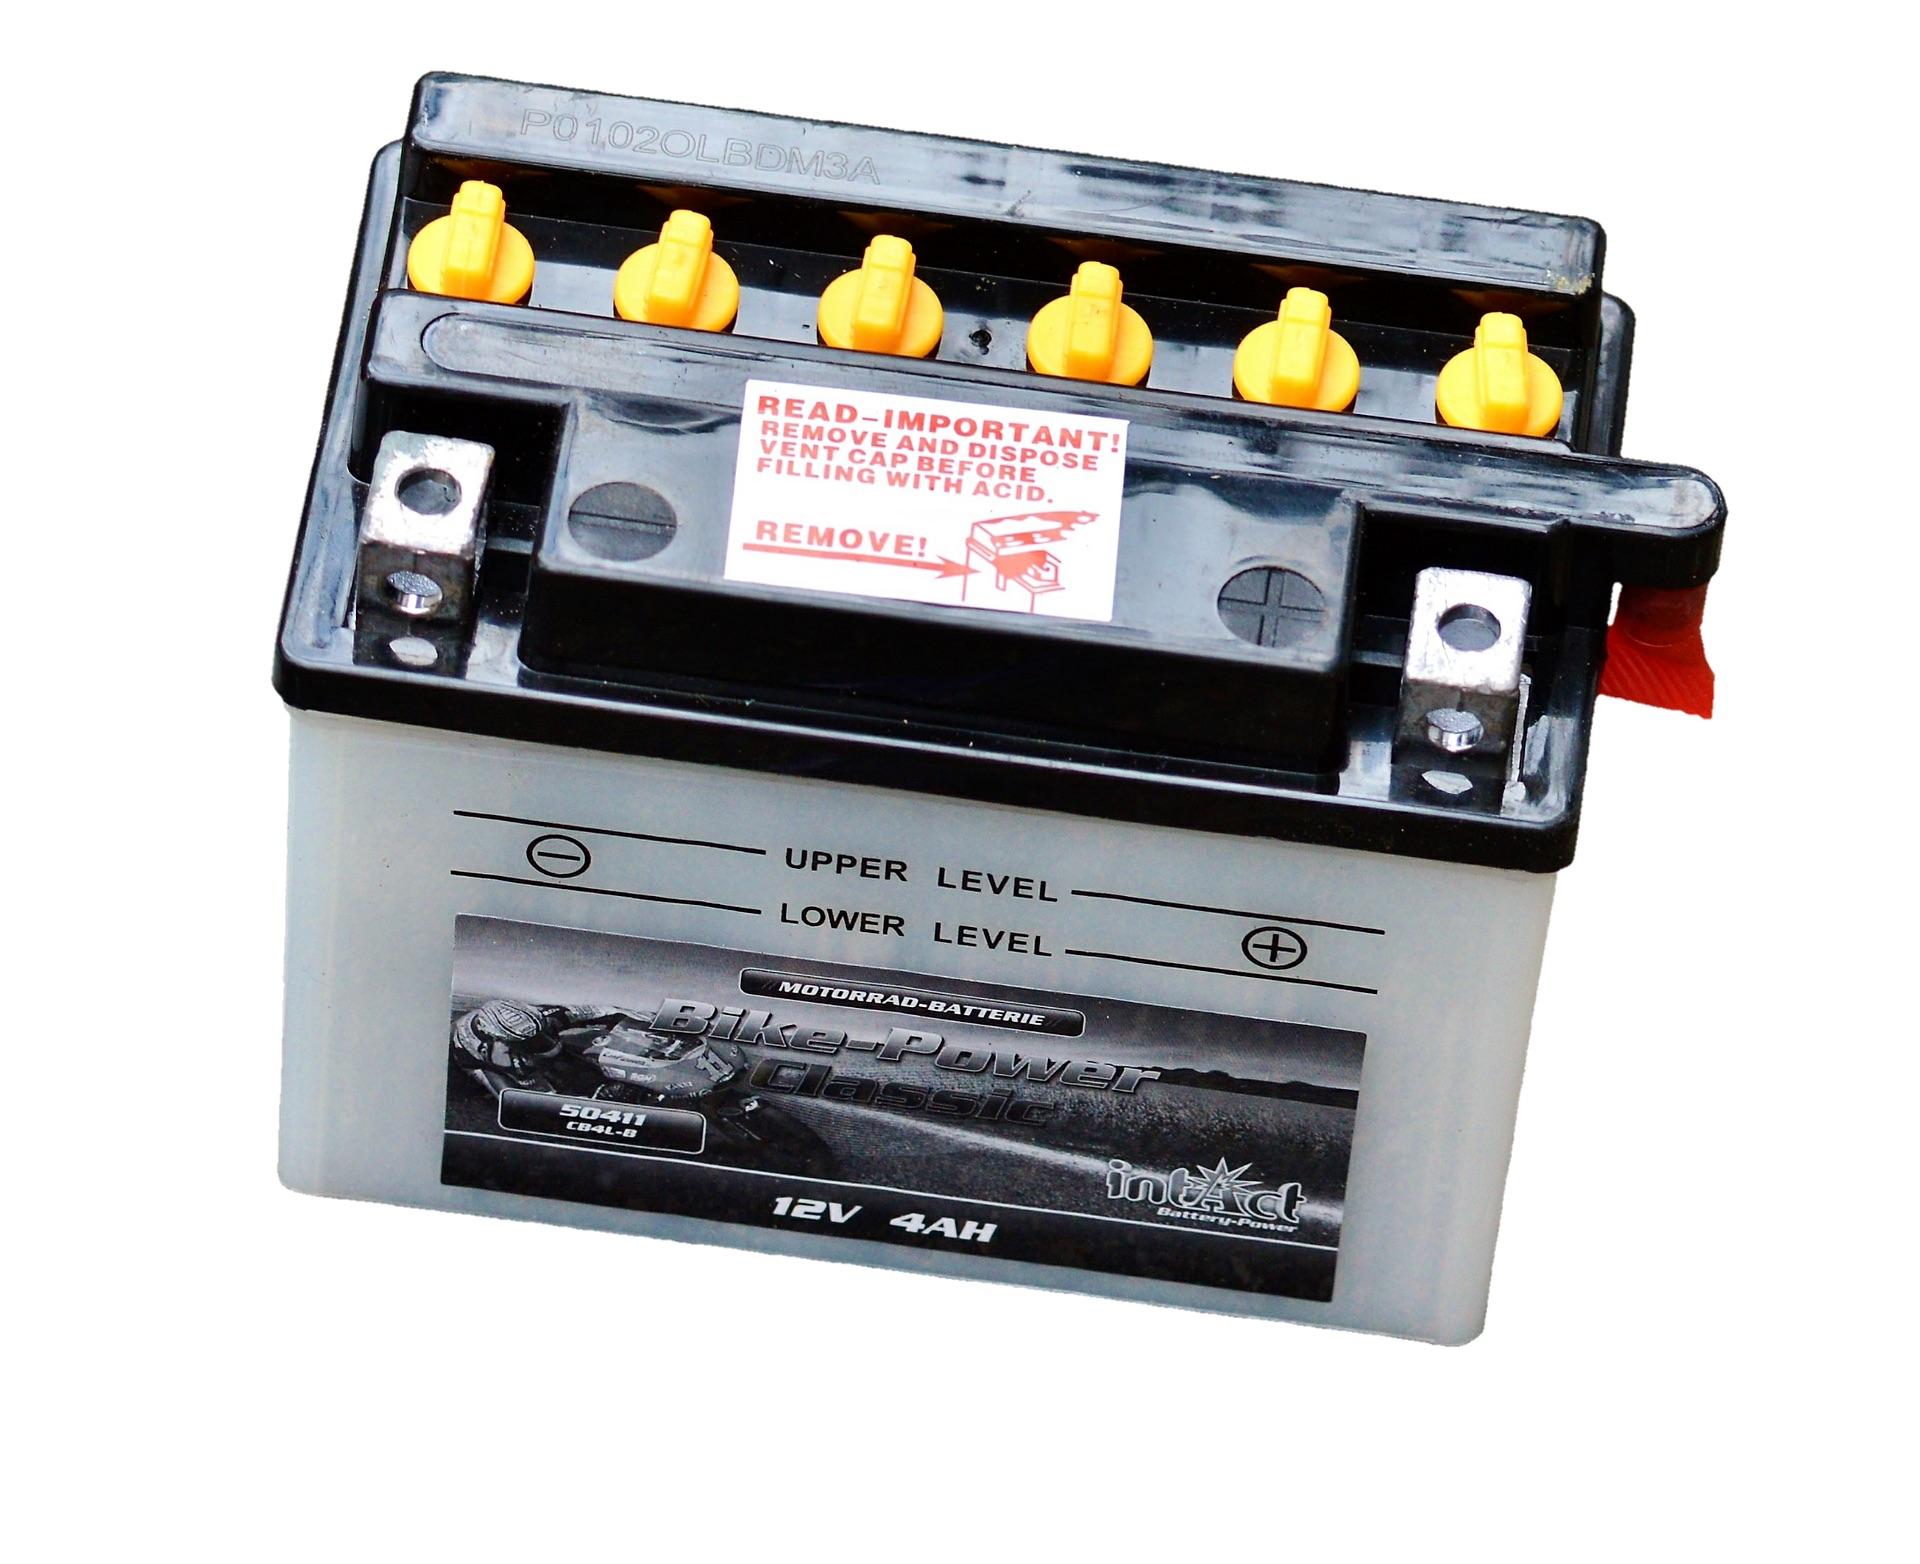 新型クロスビーのバッテリー交換方法は?時期はいつ?値段(費用)はいくら?